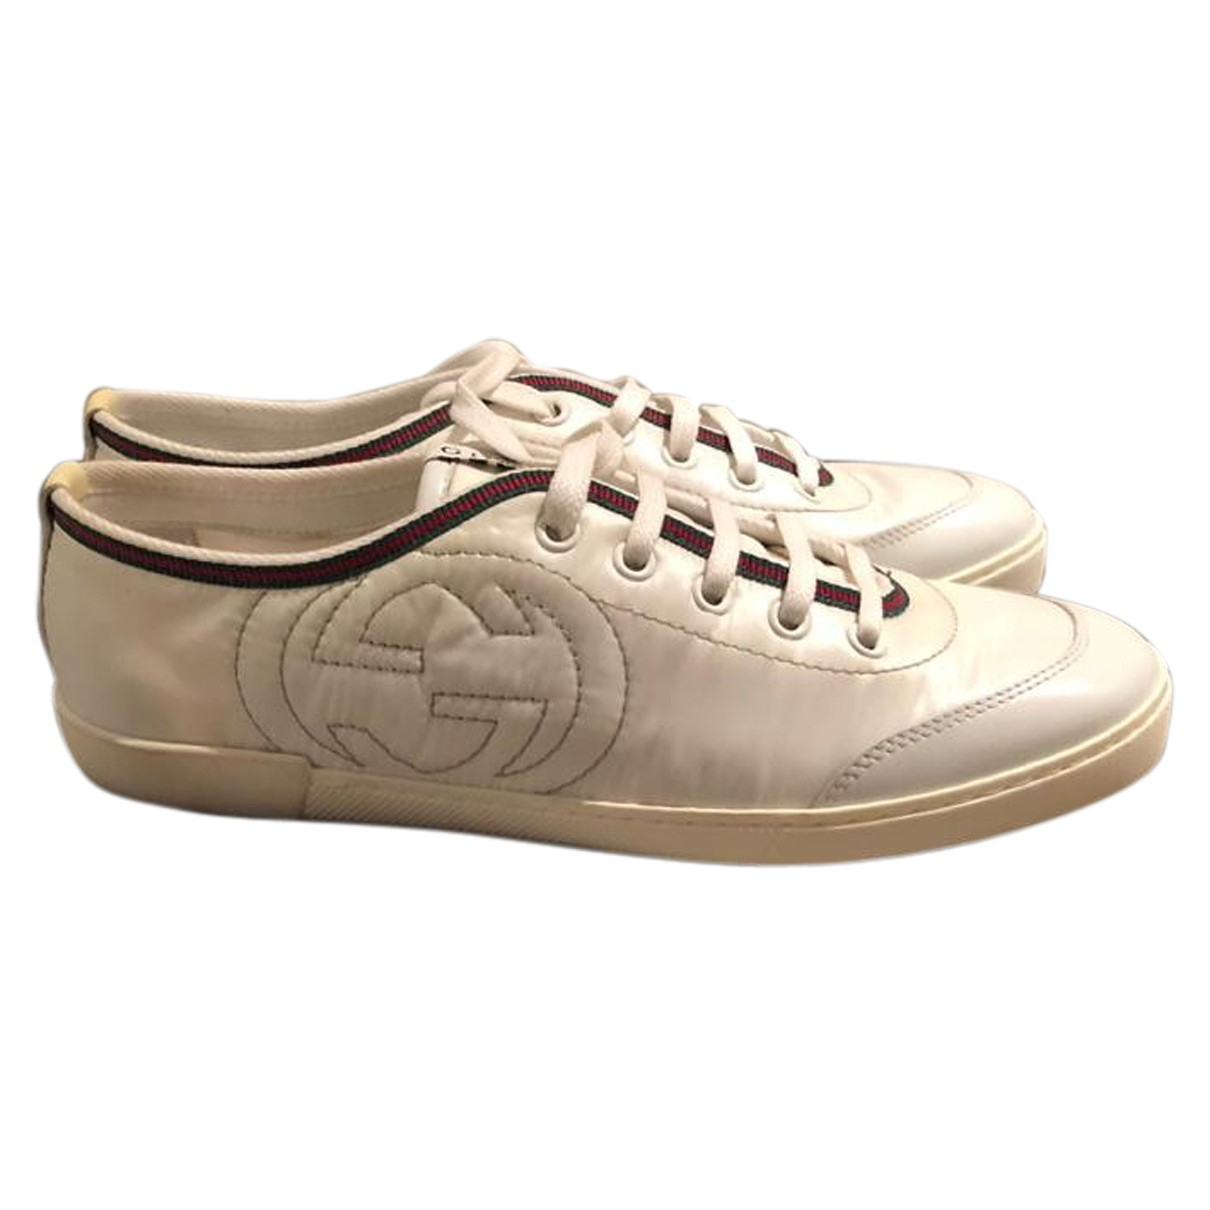 Gucci - Baskets   pour femme en toile - blanc